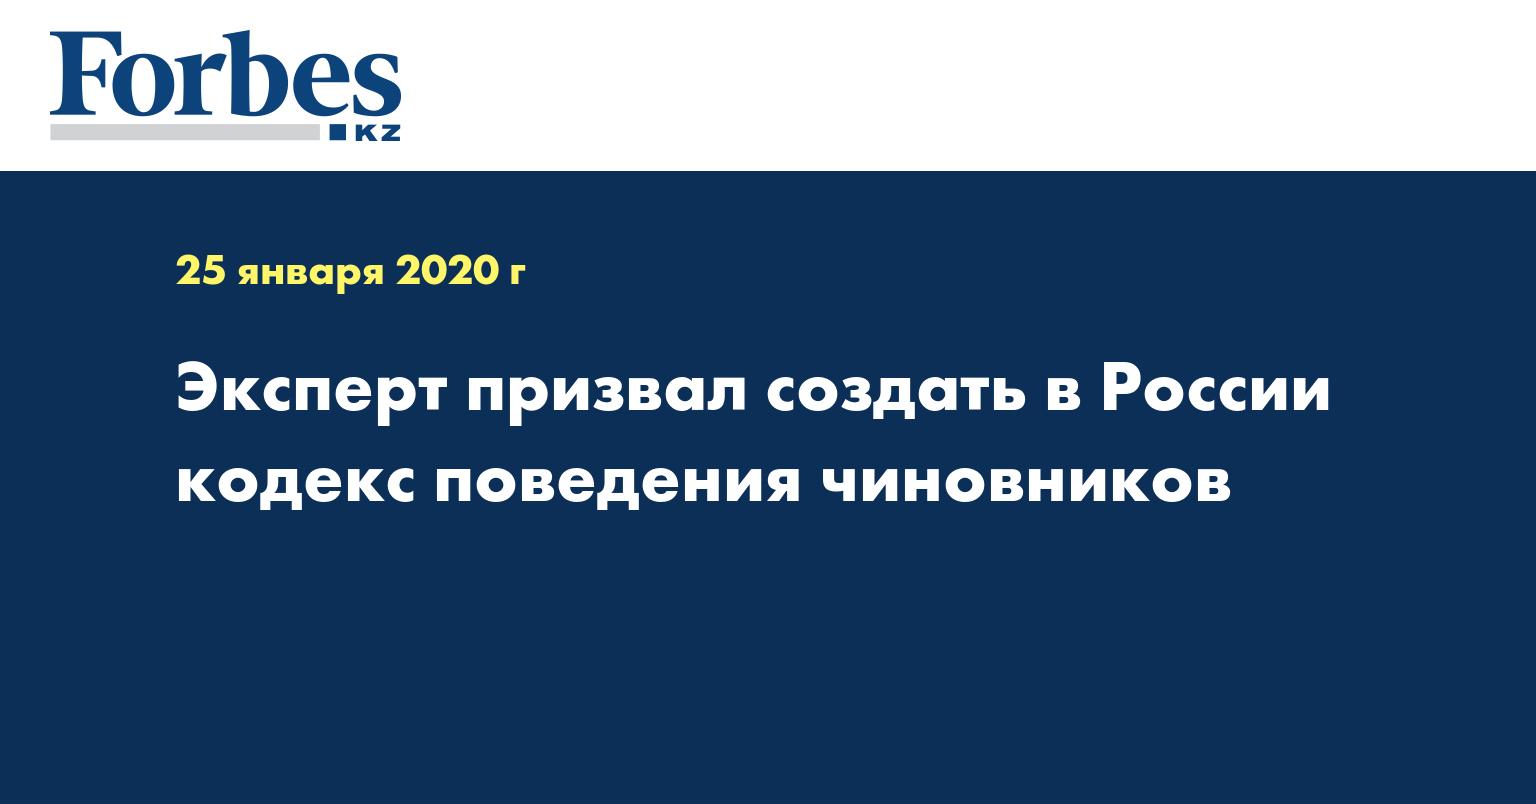 Эксперт призвал создать в России кодекс поведения чиновников